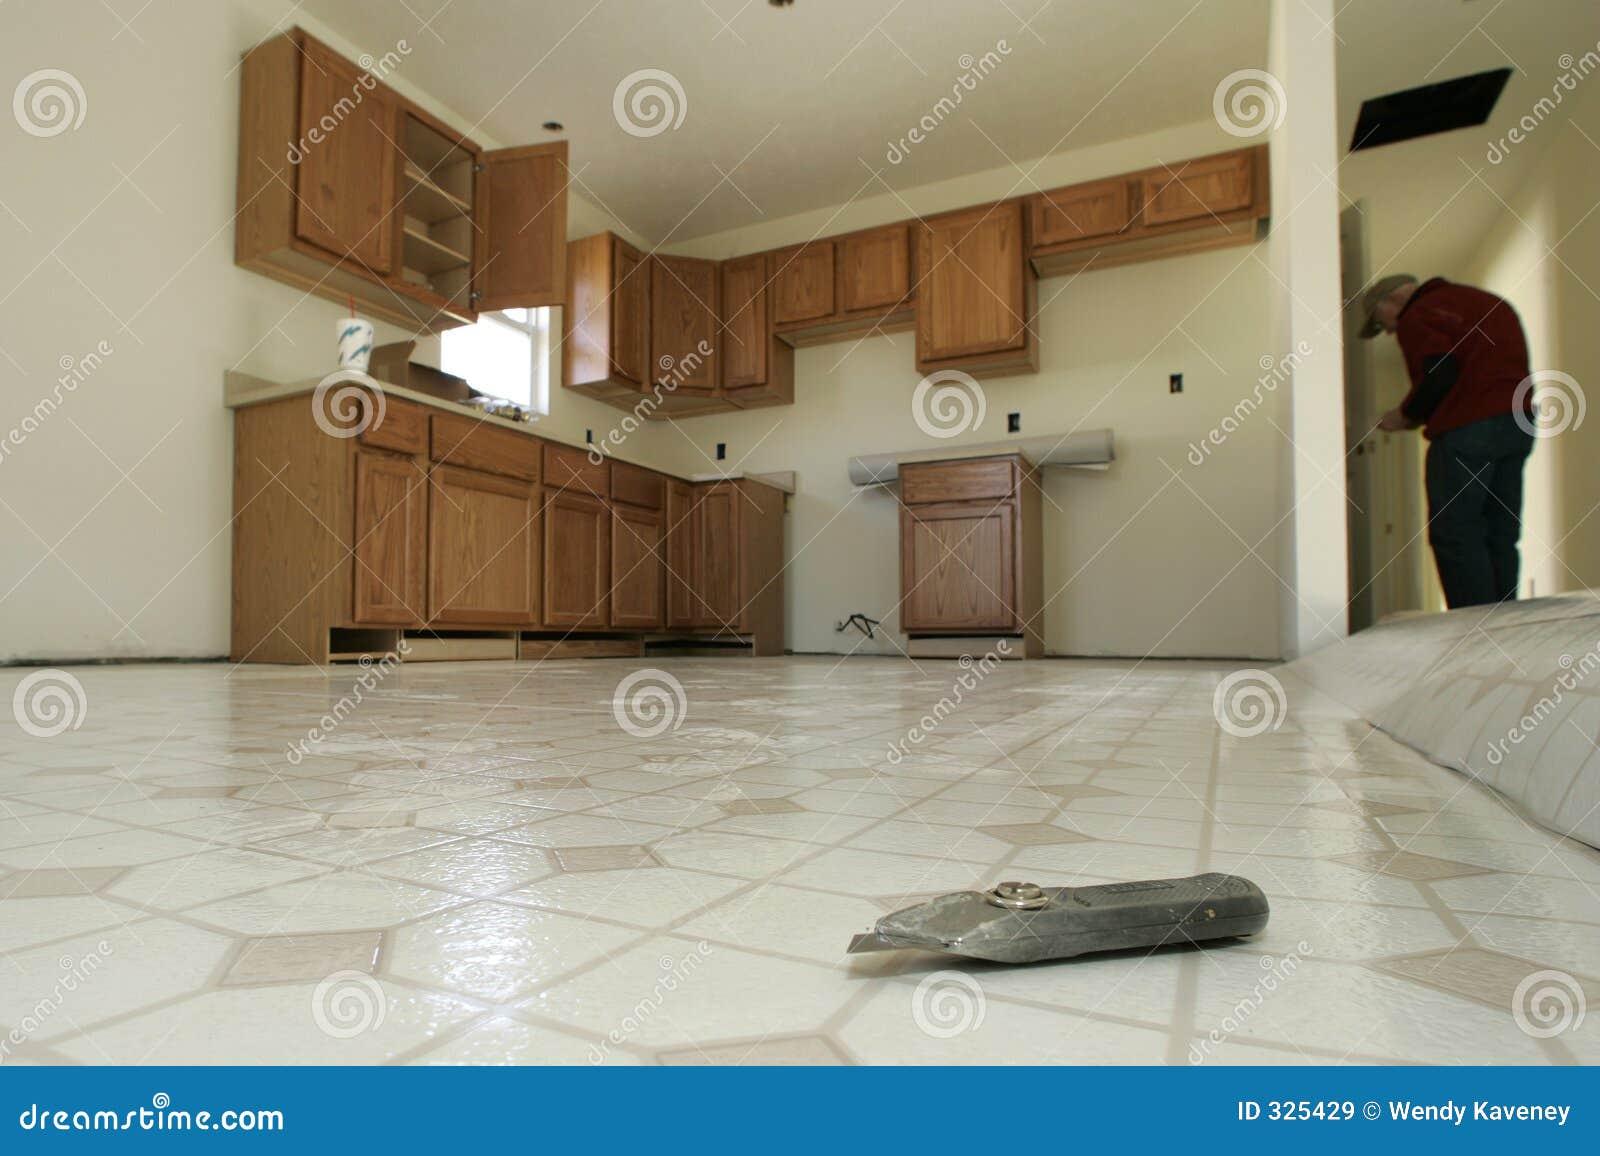 installazione del pavimento della cucina immagini stock